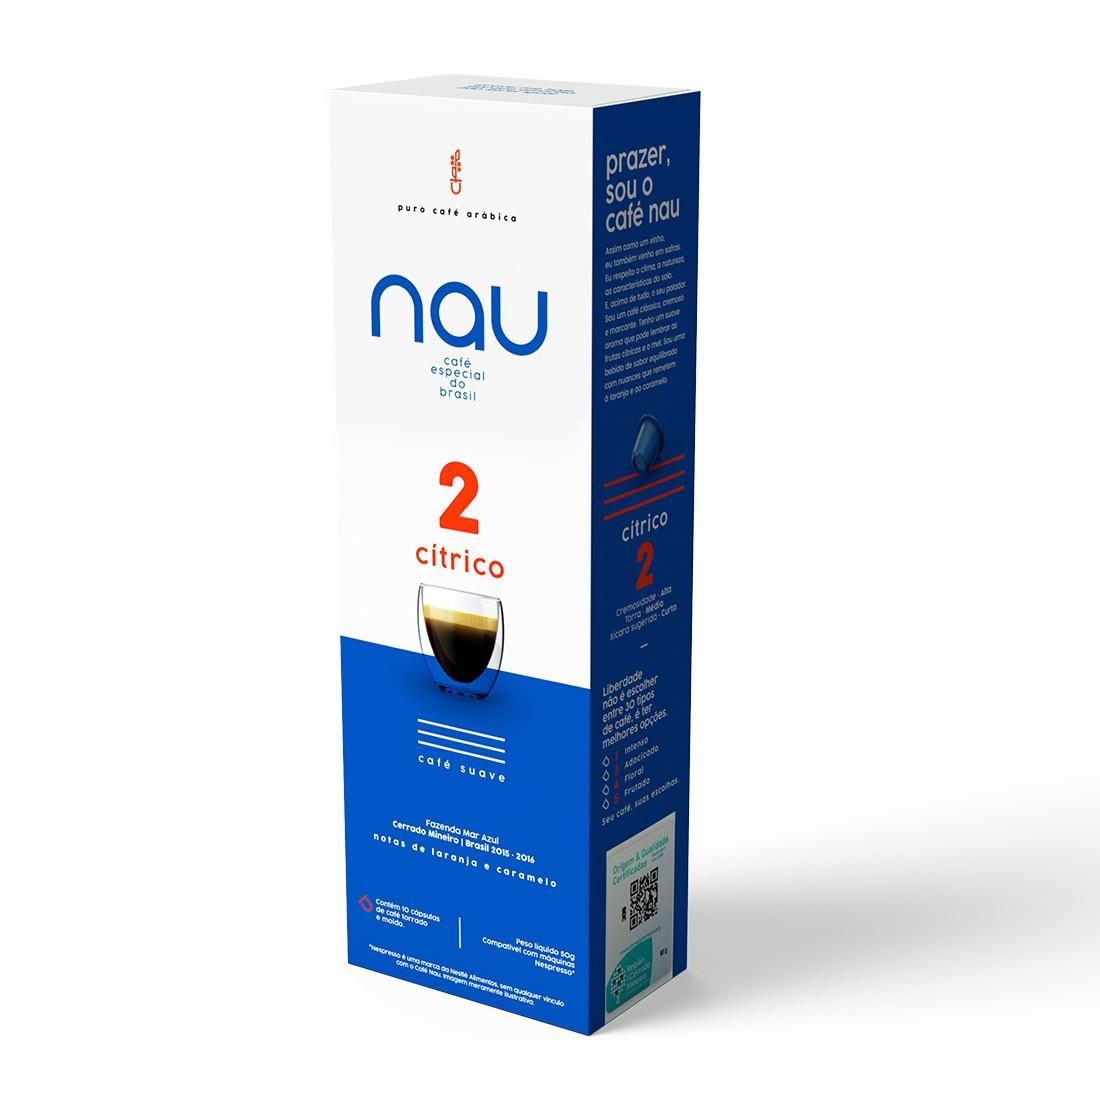 Cápsulas de Café Compatíveis com Nespresso Nau - 2 Cítrico